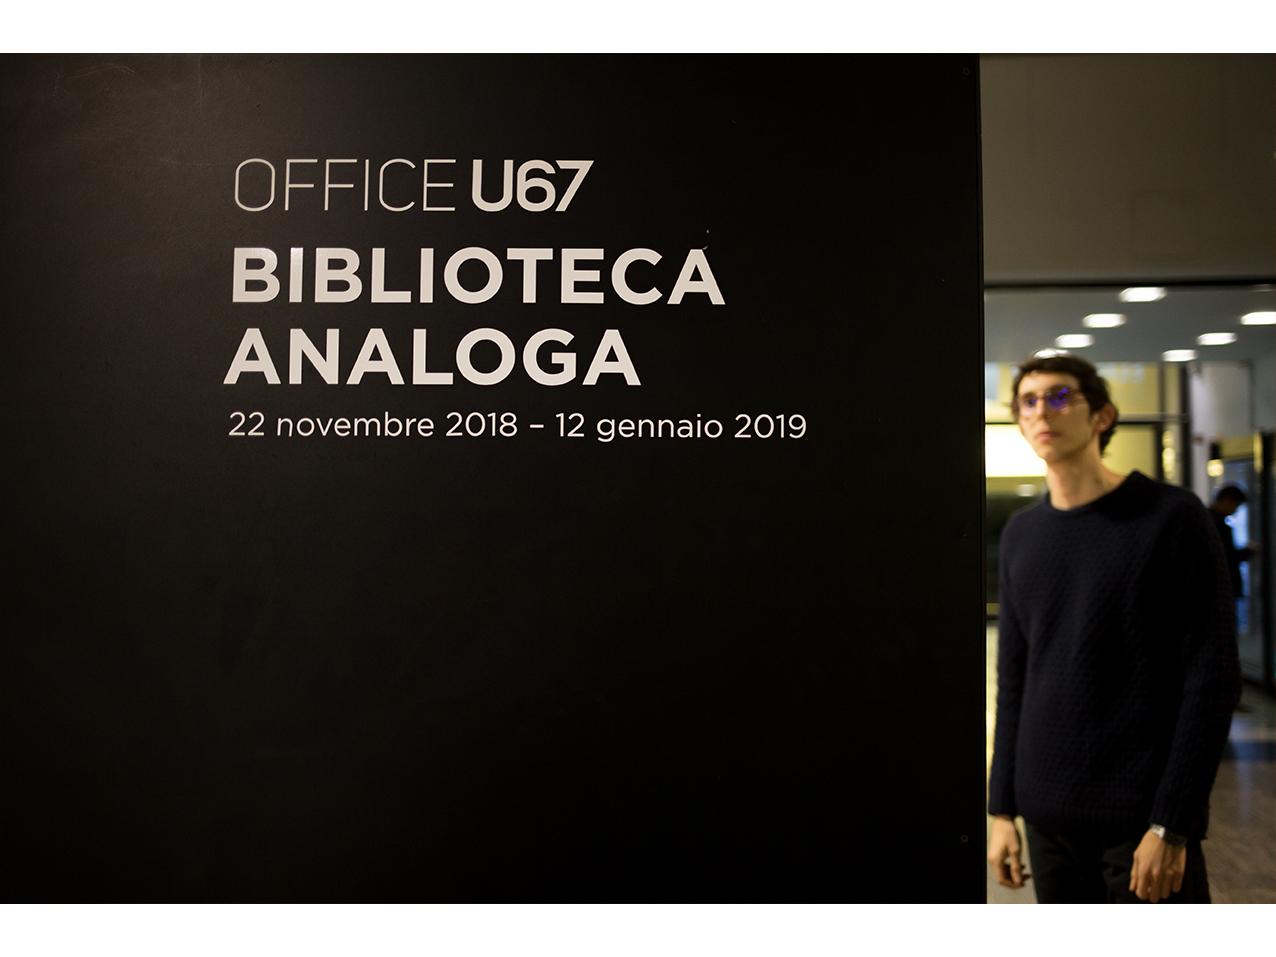 u67_biblioteca-analoga_001